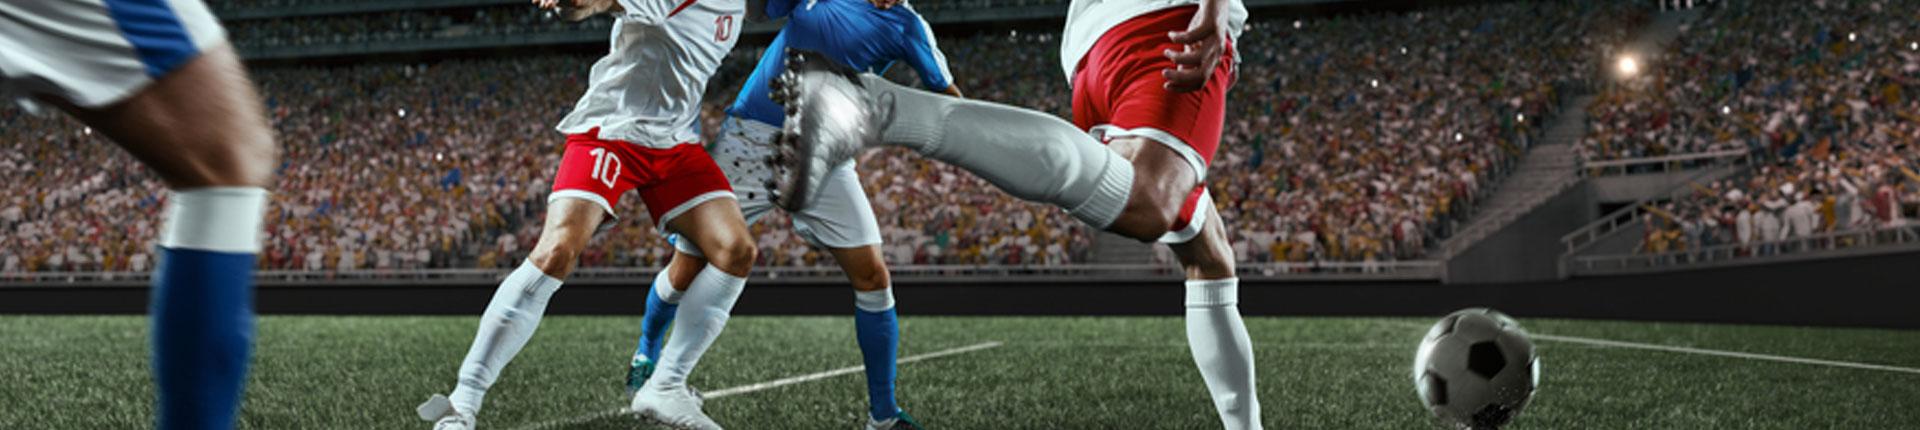 Suplementy dla piłkarzy - jakie dają efekty?